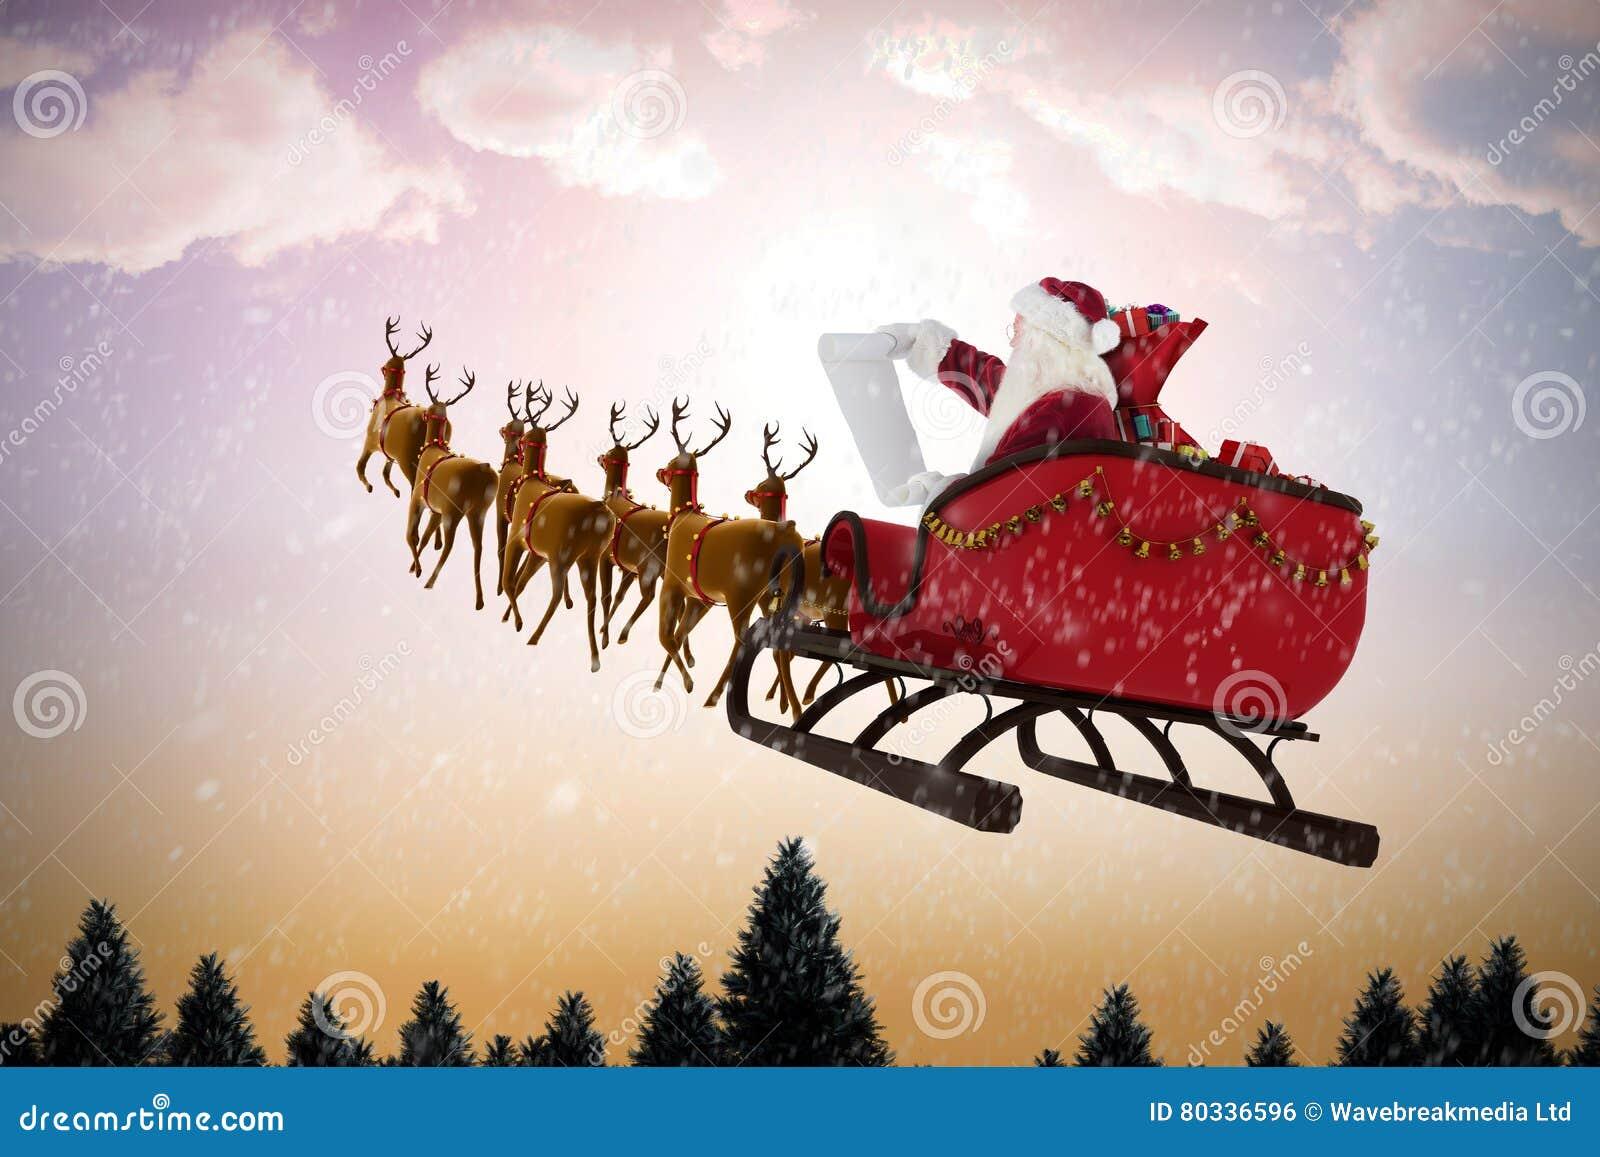 Imagen compuesta del montar a caballo de Papá Noel en el trineo durante la Navidad